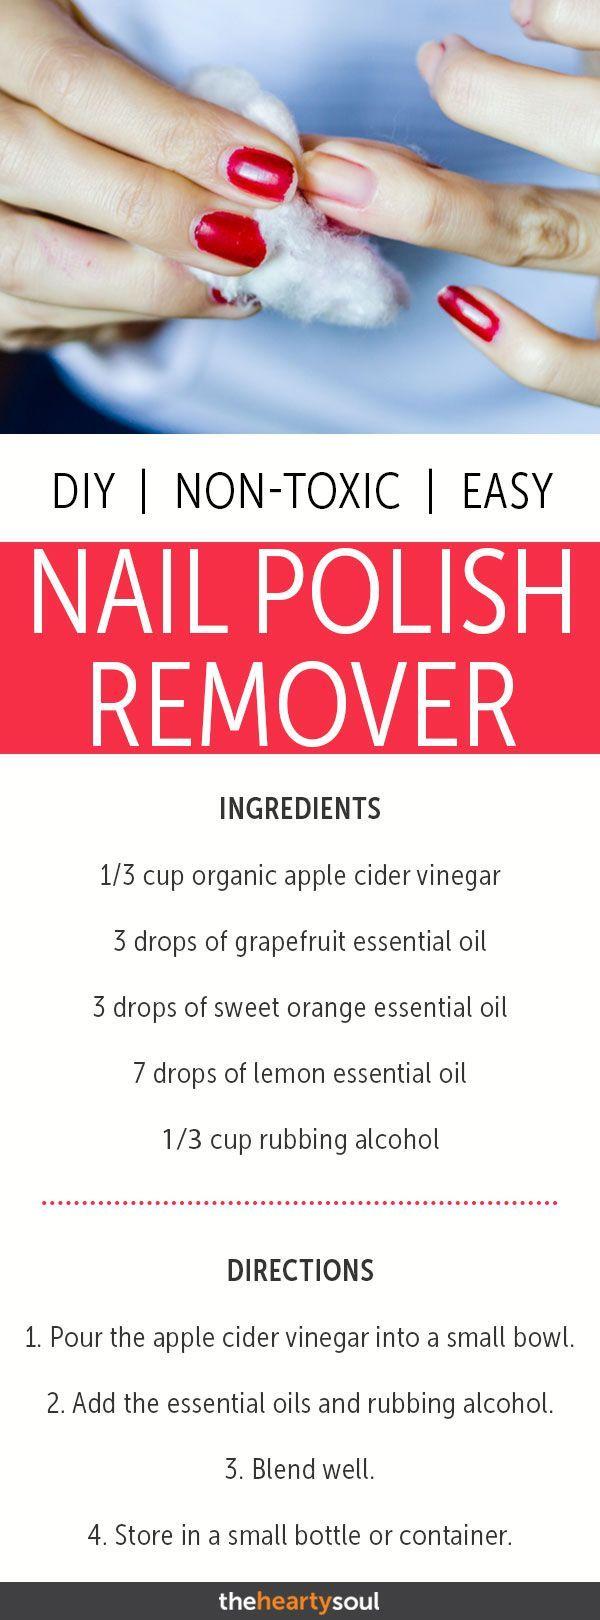 Wie man ungiftige Nagellackentferner mit Grapefruit-, Orangen- und Zitronenölen herstellt